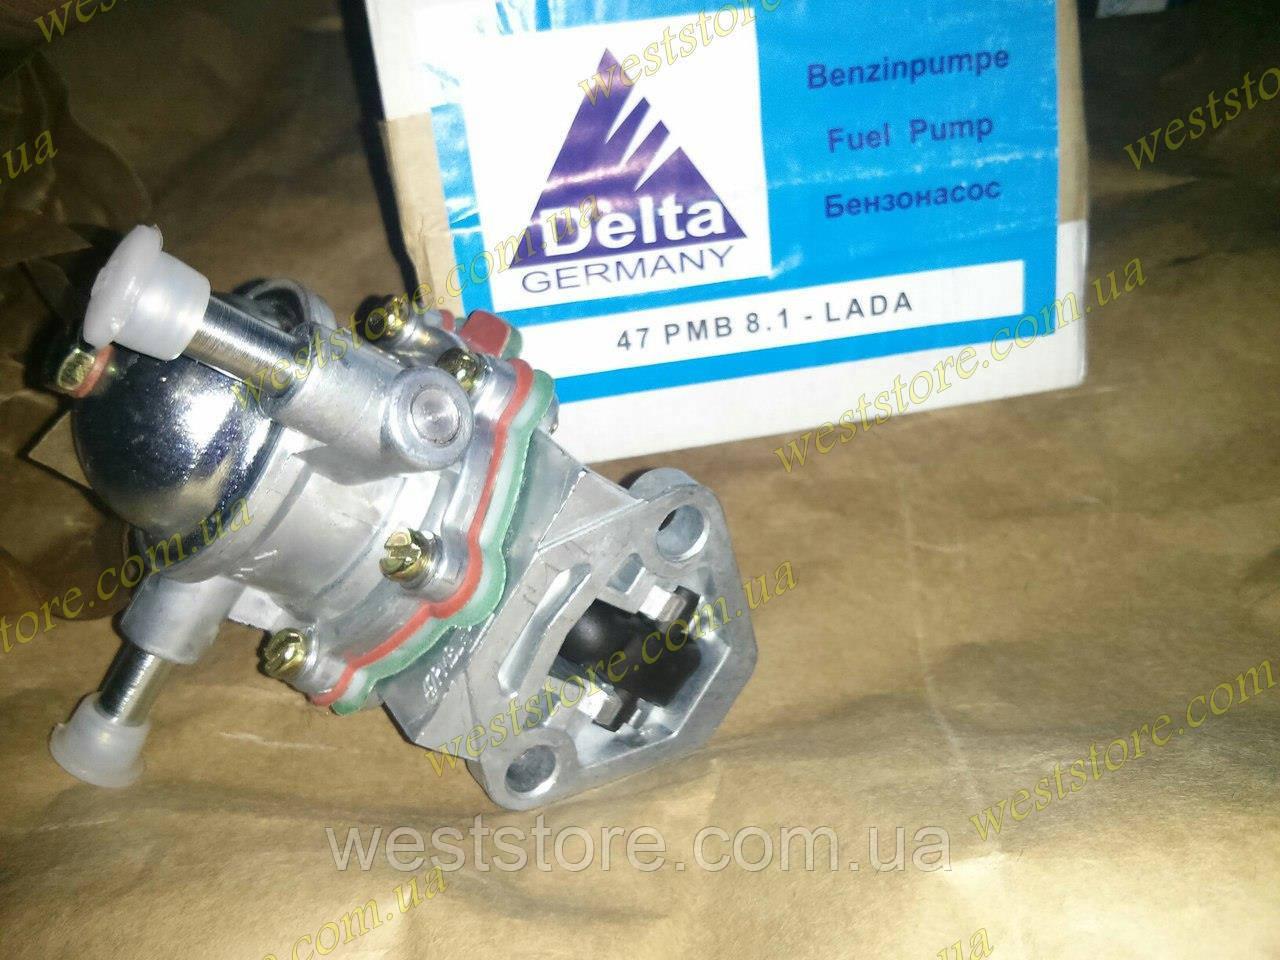 Бензонасос (насос топливный) Ваз 2101-07, DELTA Германия оригинал 47 PMB 8.1 - Lada